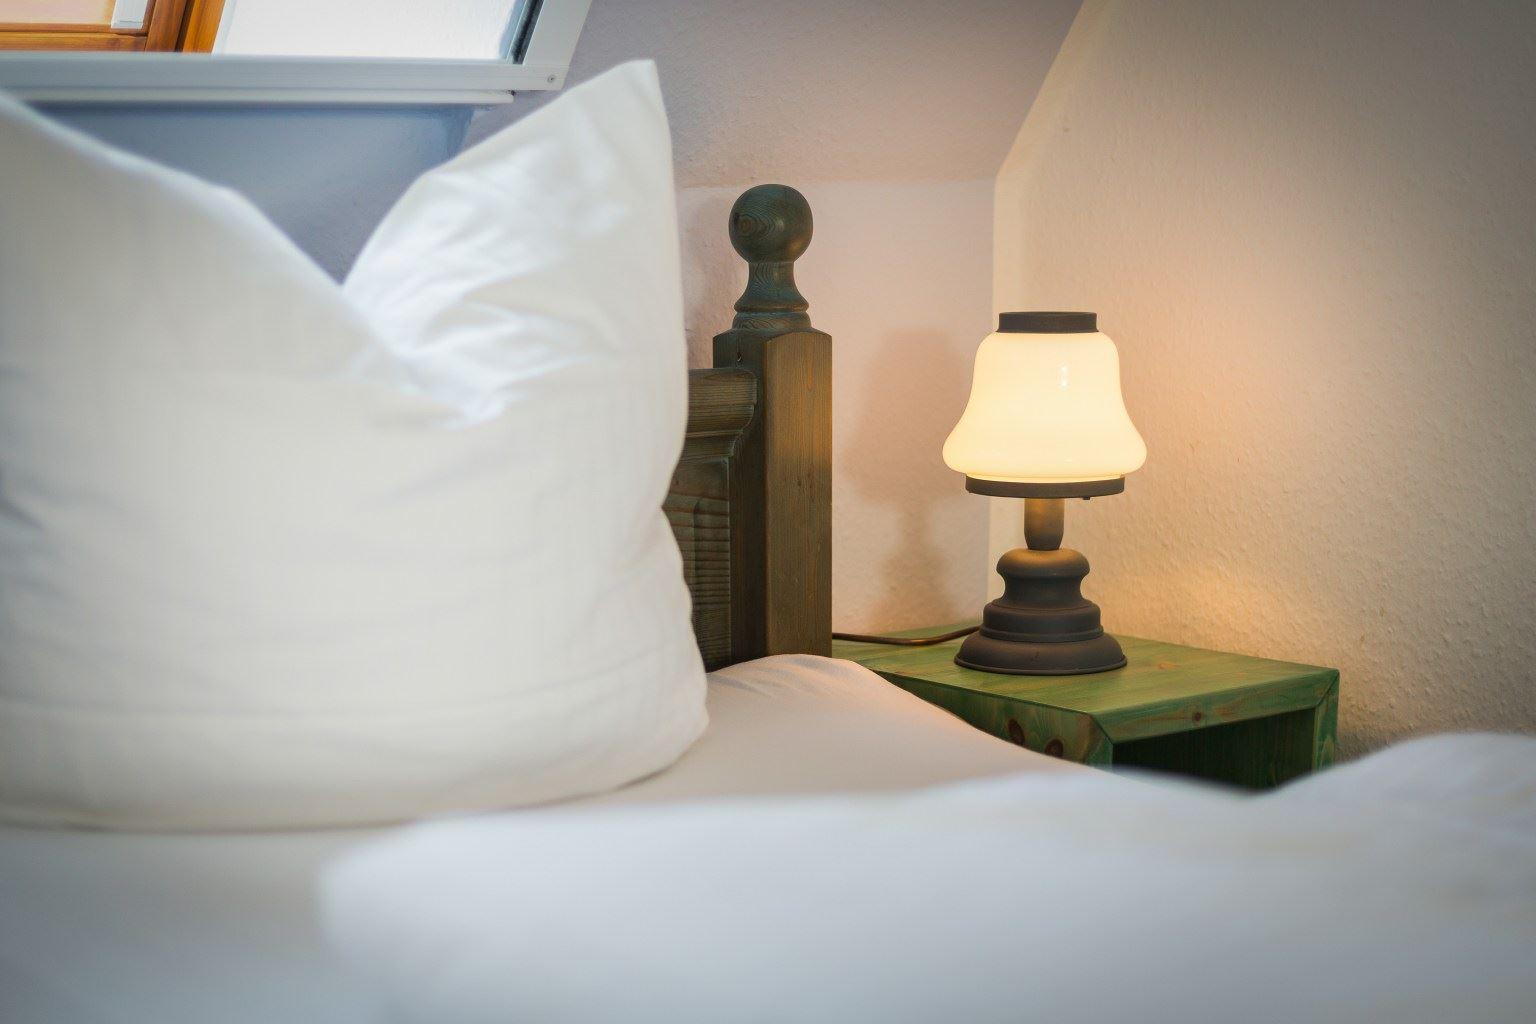 Schlafzimmer Wohnung OG, 3-Zimmer-Ferienwohnung für bis zu 4 Personen, St. Peter-Dorf